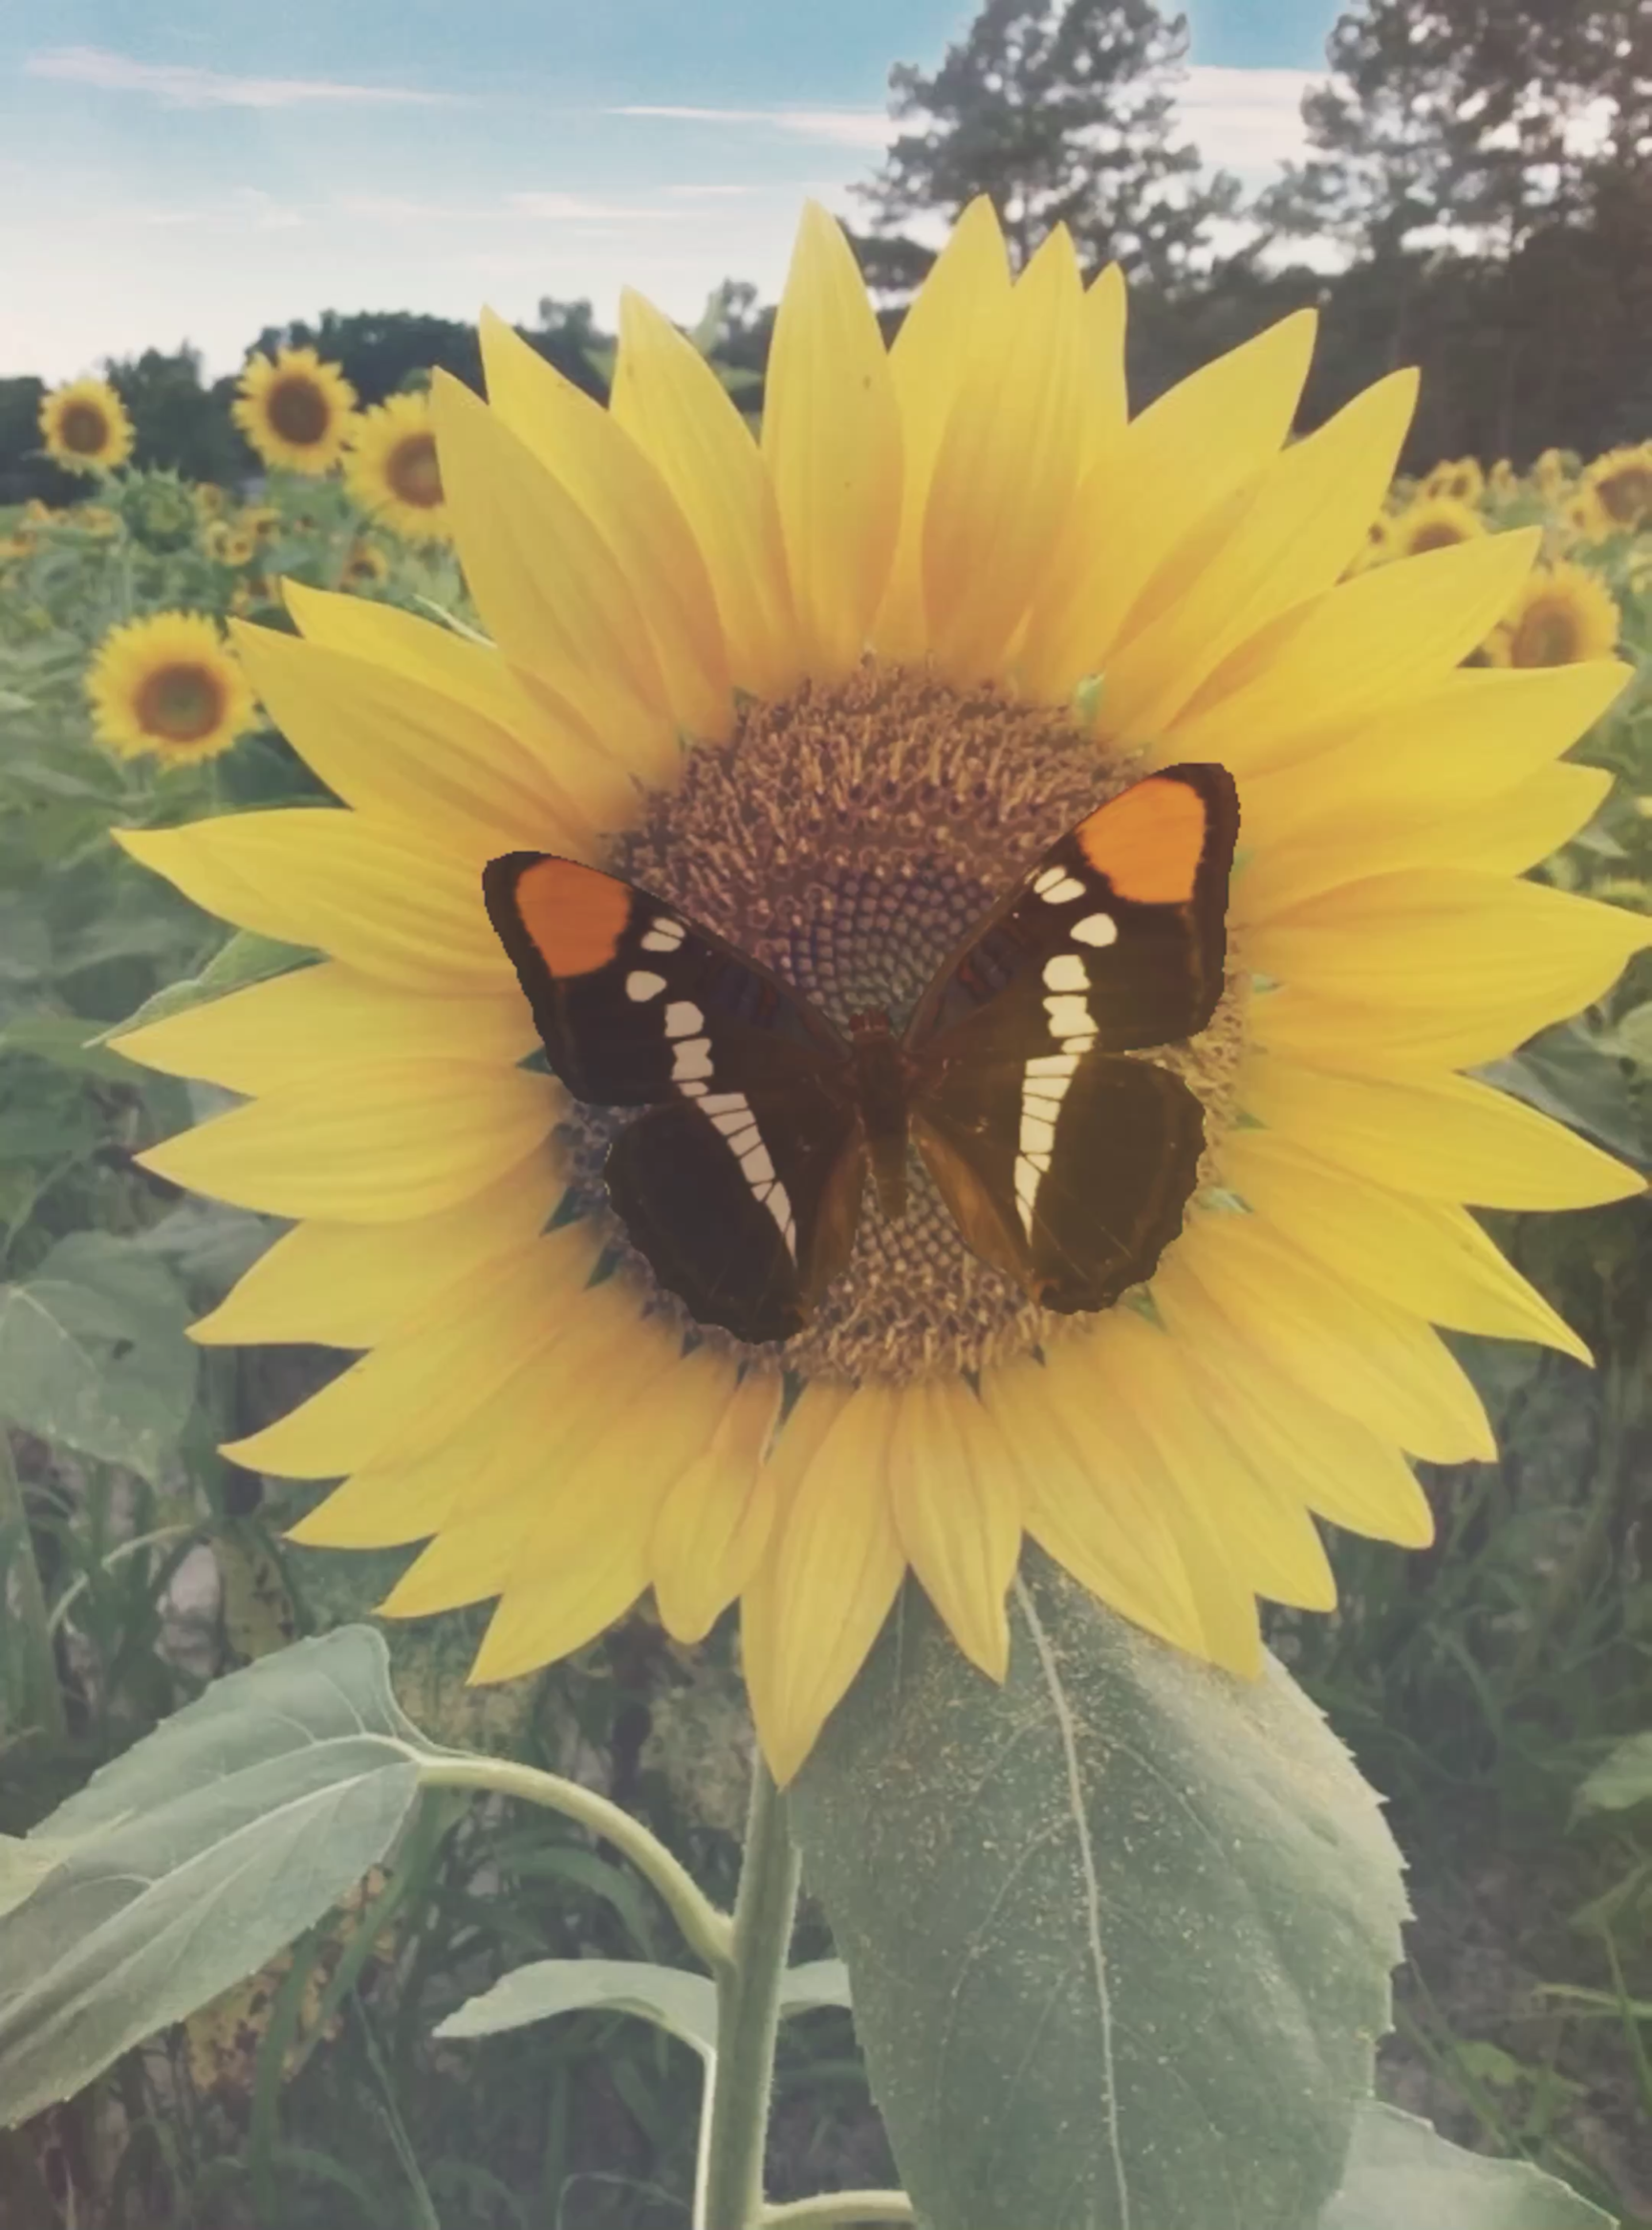 Wie schön doch unsere Natur ist, eine Liebe die nie vergeht.🌻 #Sonnenblumen #Video